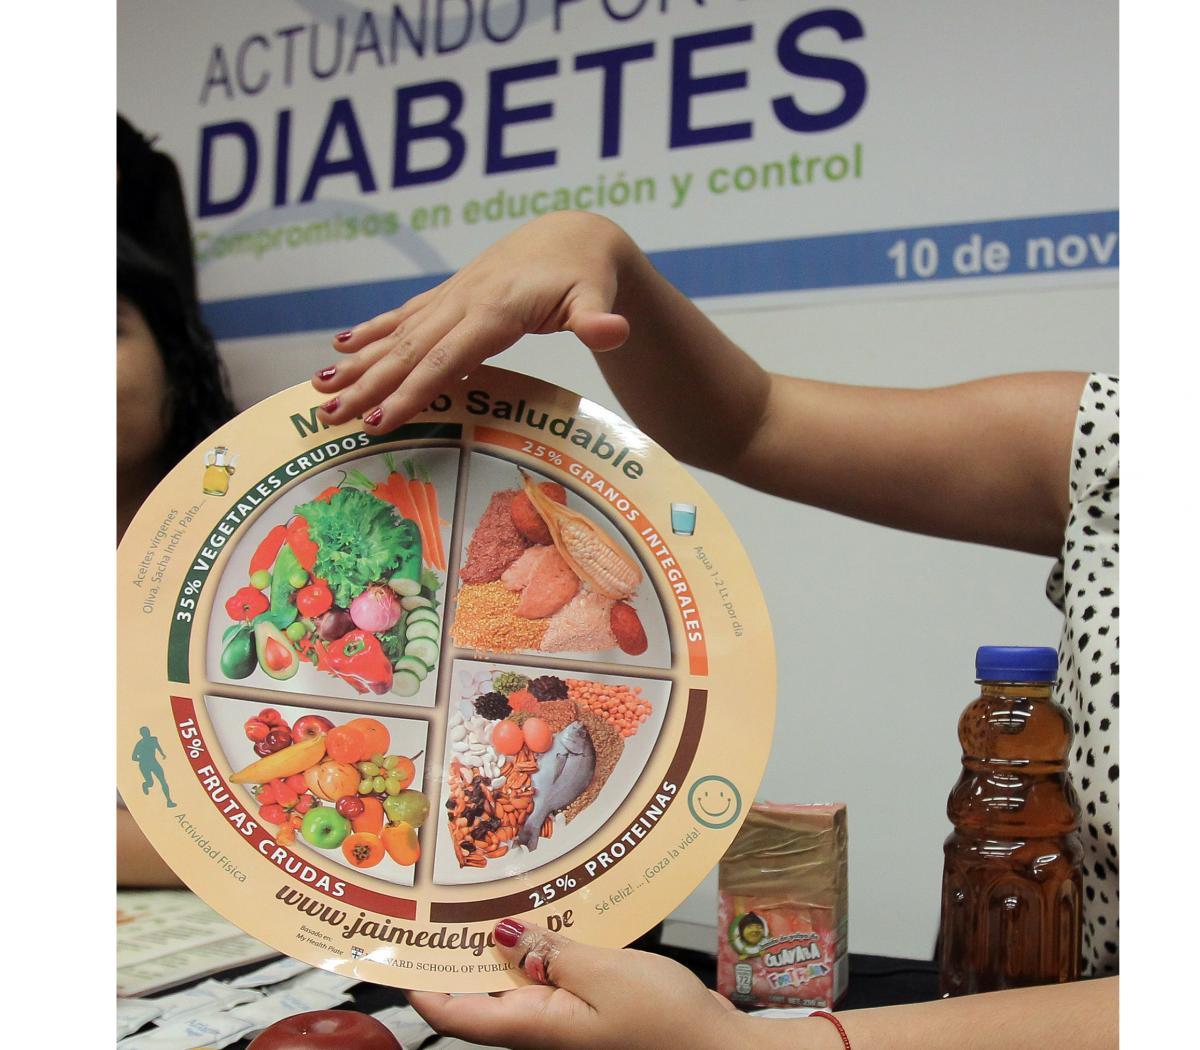 pepinillos para la diabetes